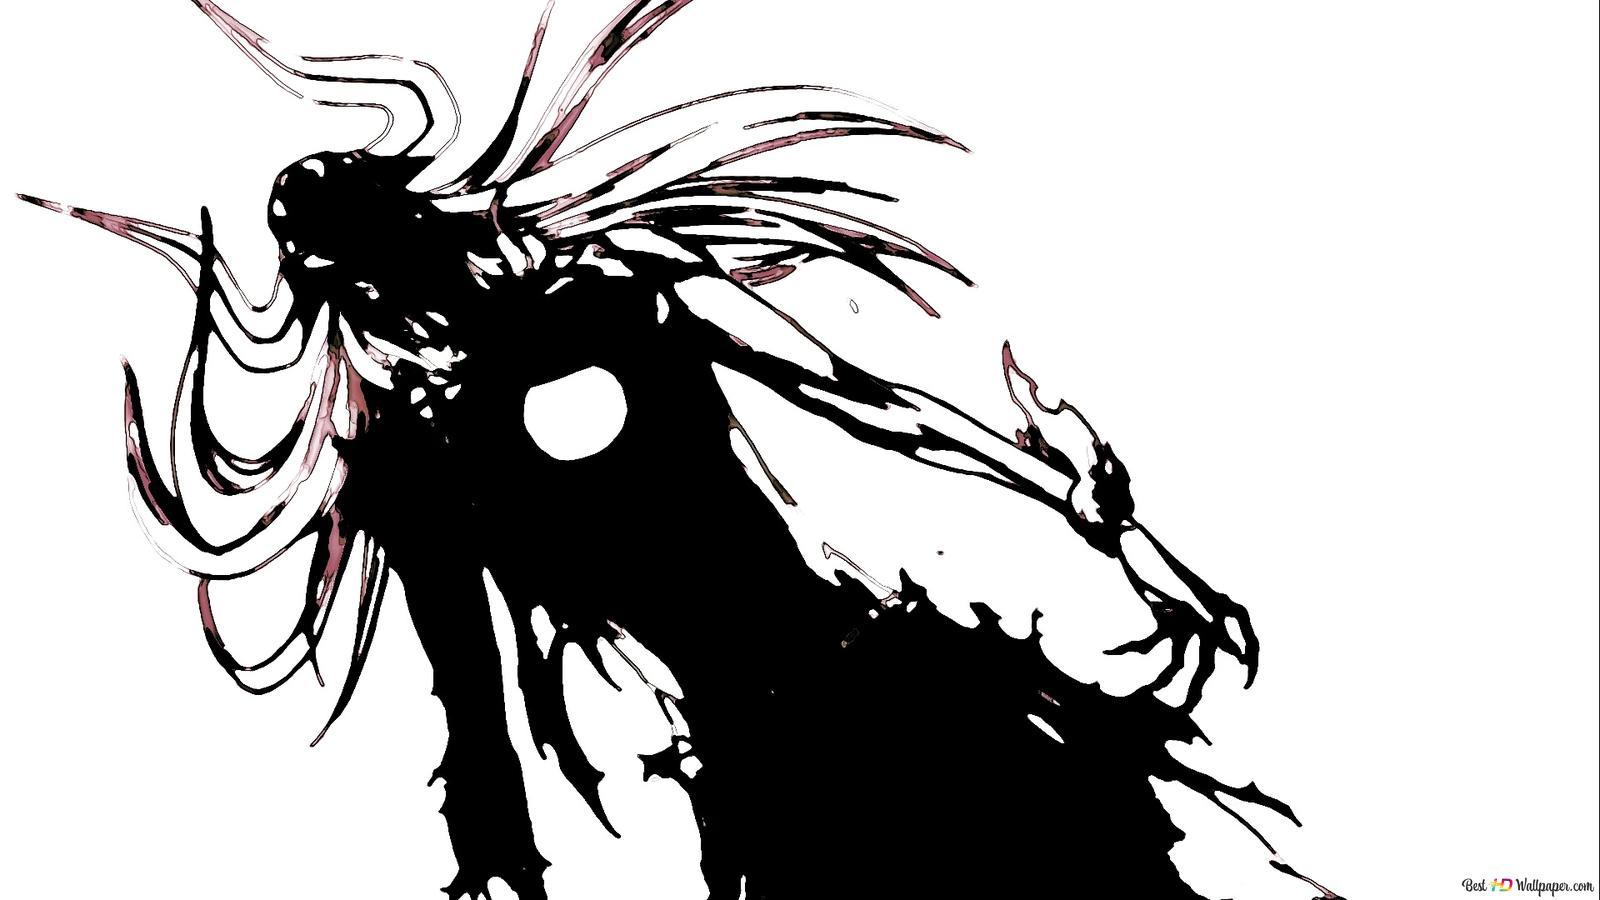 Descargar Fondo De Pantalla Bleach Ichigo Hd